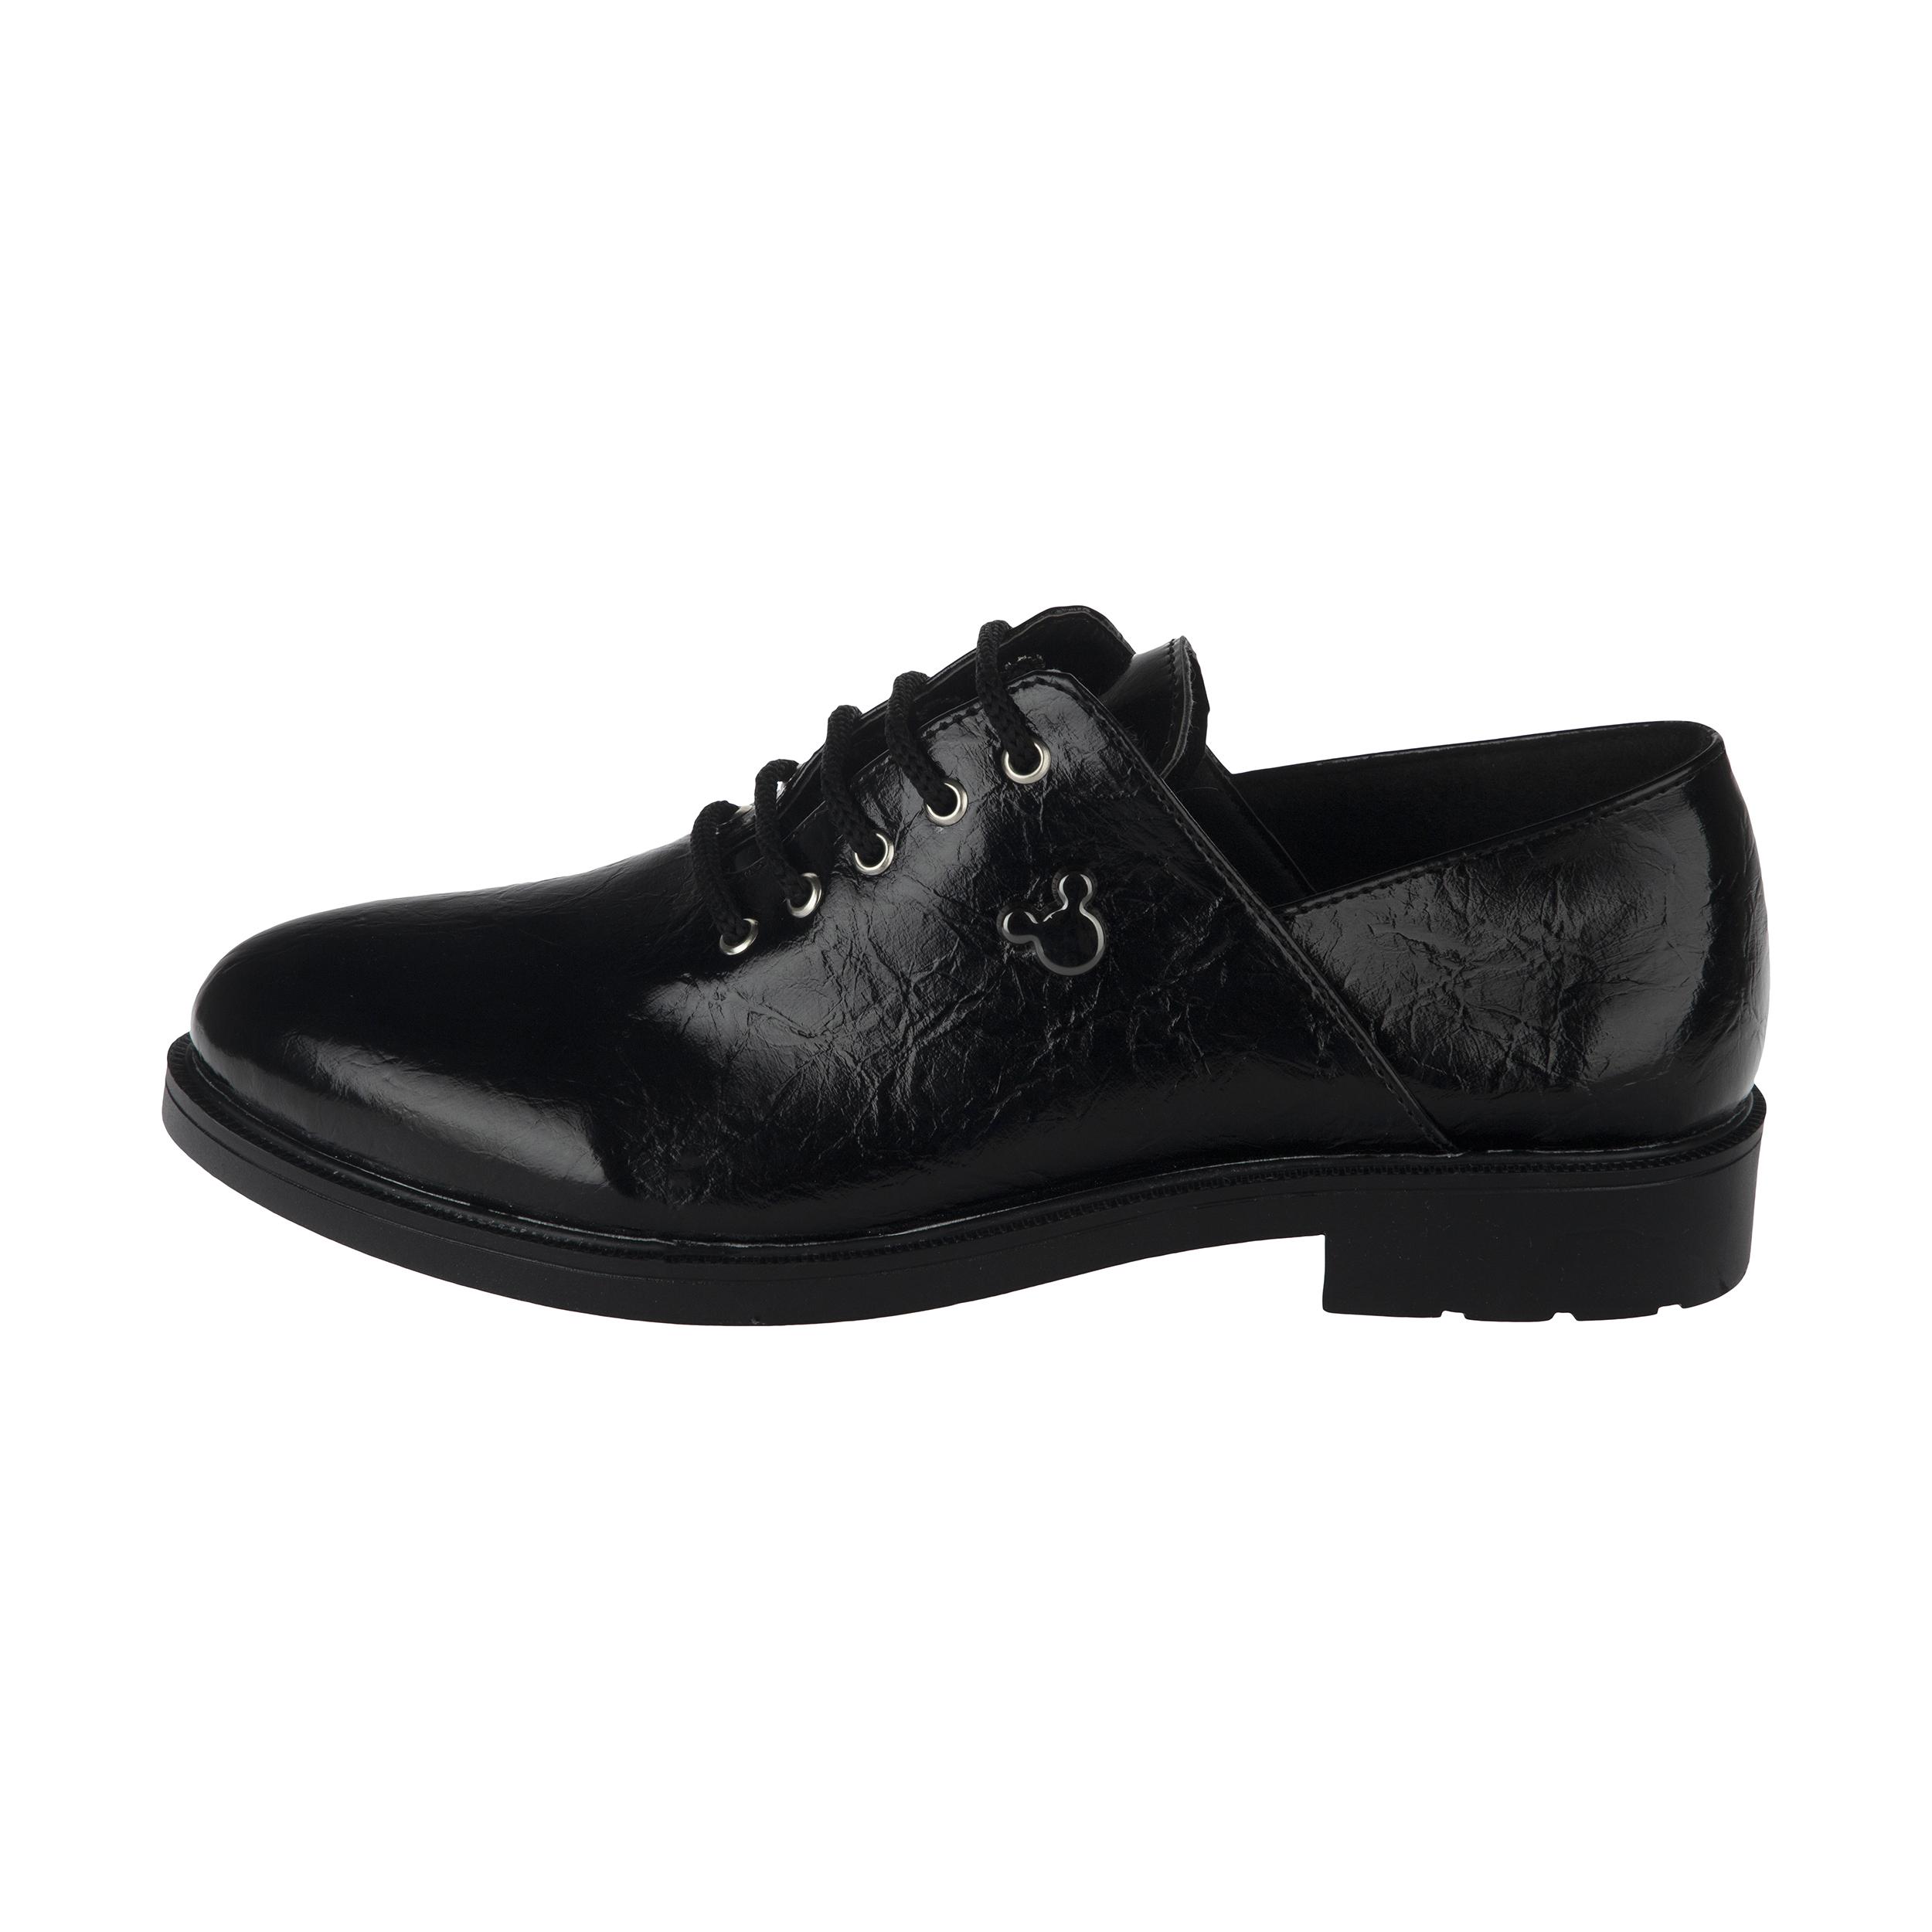 کفش روزمره زنانه لبتو مدل 1086-99